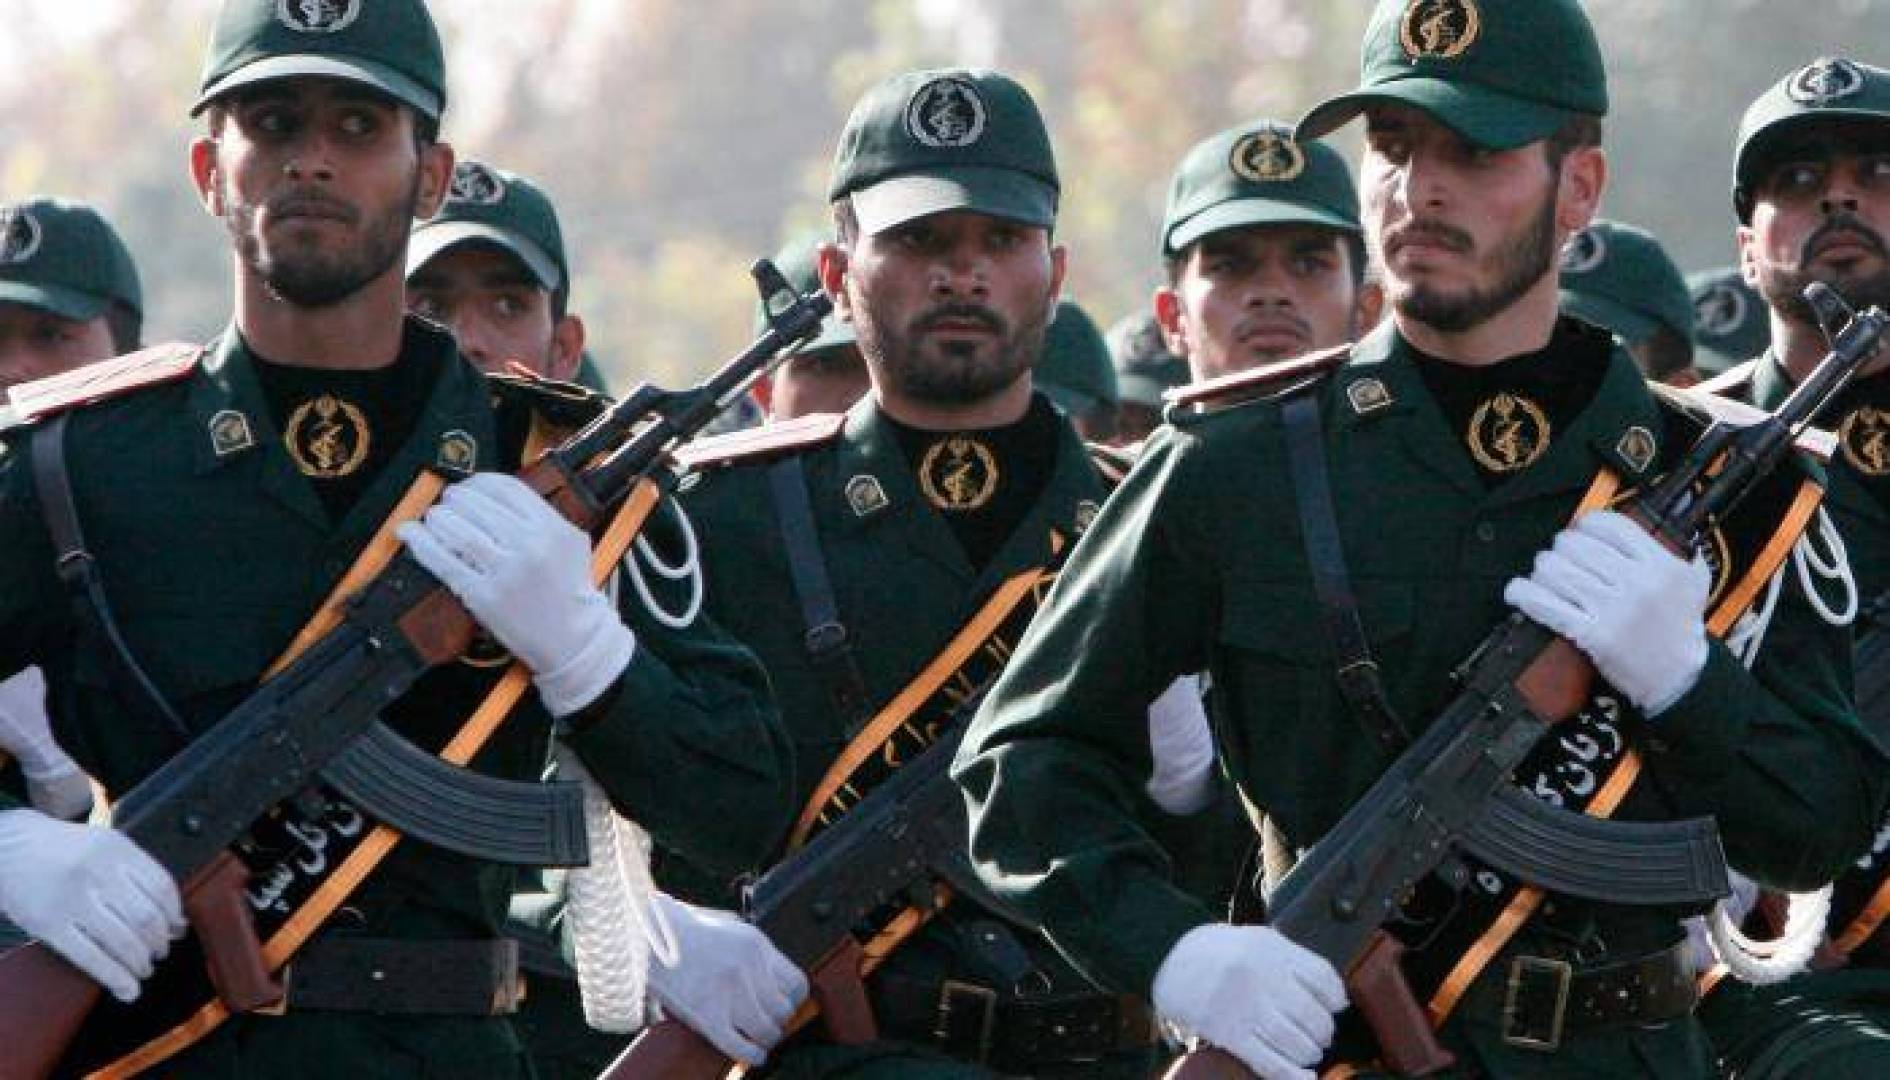 إيران: سنستمر في إسقاط الطائرات المسيرة التي تنتهك مجالنا